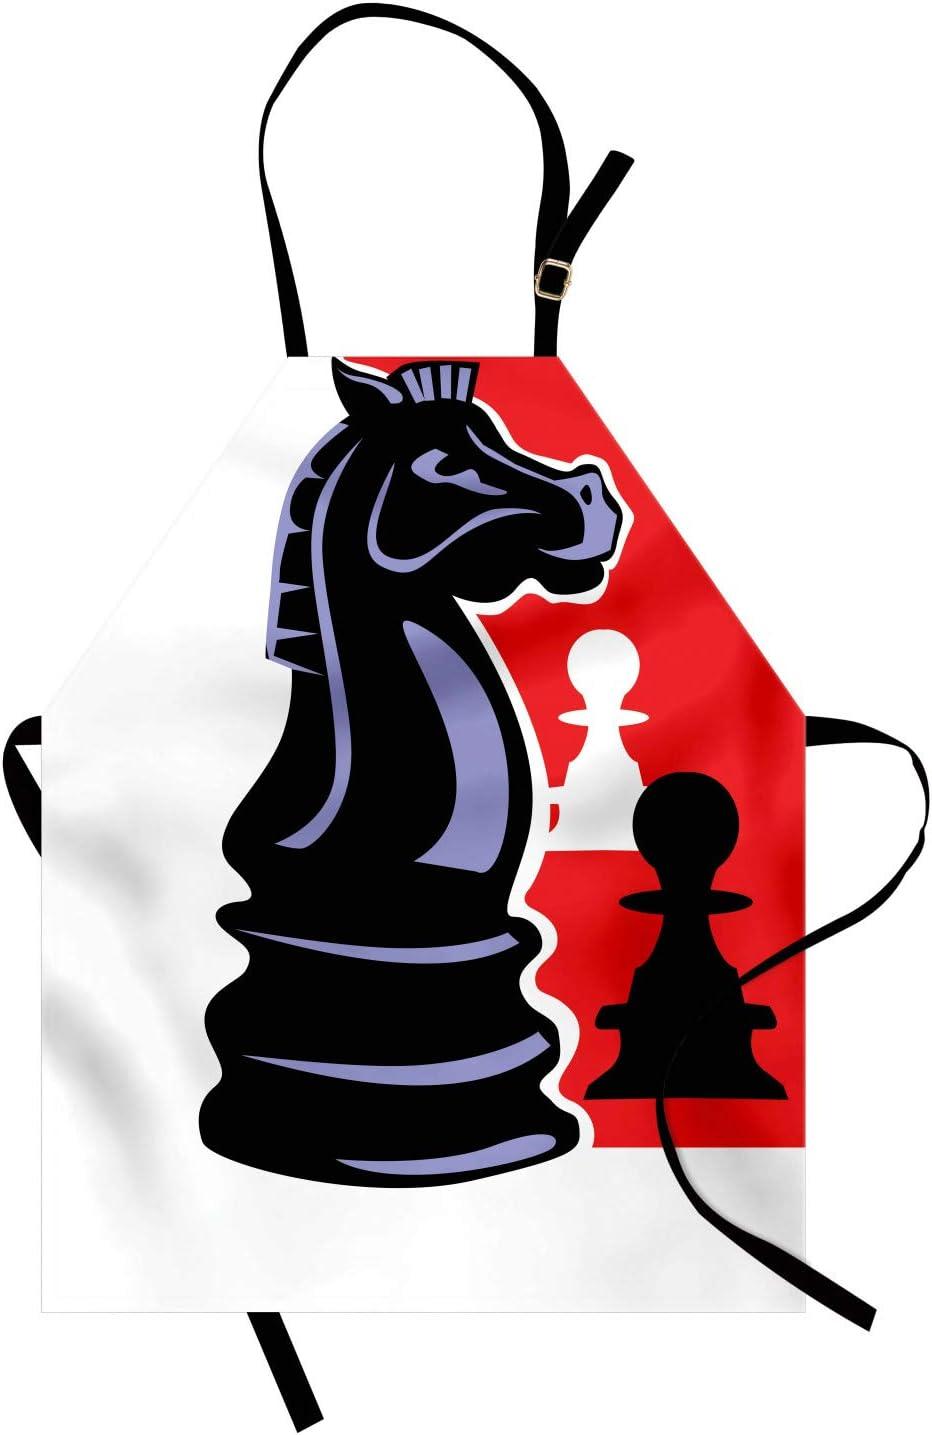 ABAKUHAUS Juego de Mesa Delantal de Cocina, Peón de ajedrez y Knight, Altura Ajustable Lavable Sus Colores No Destiñen, Gris carbón Multicolor: Amazon.es: Hogar